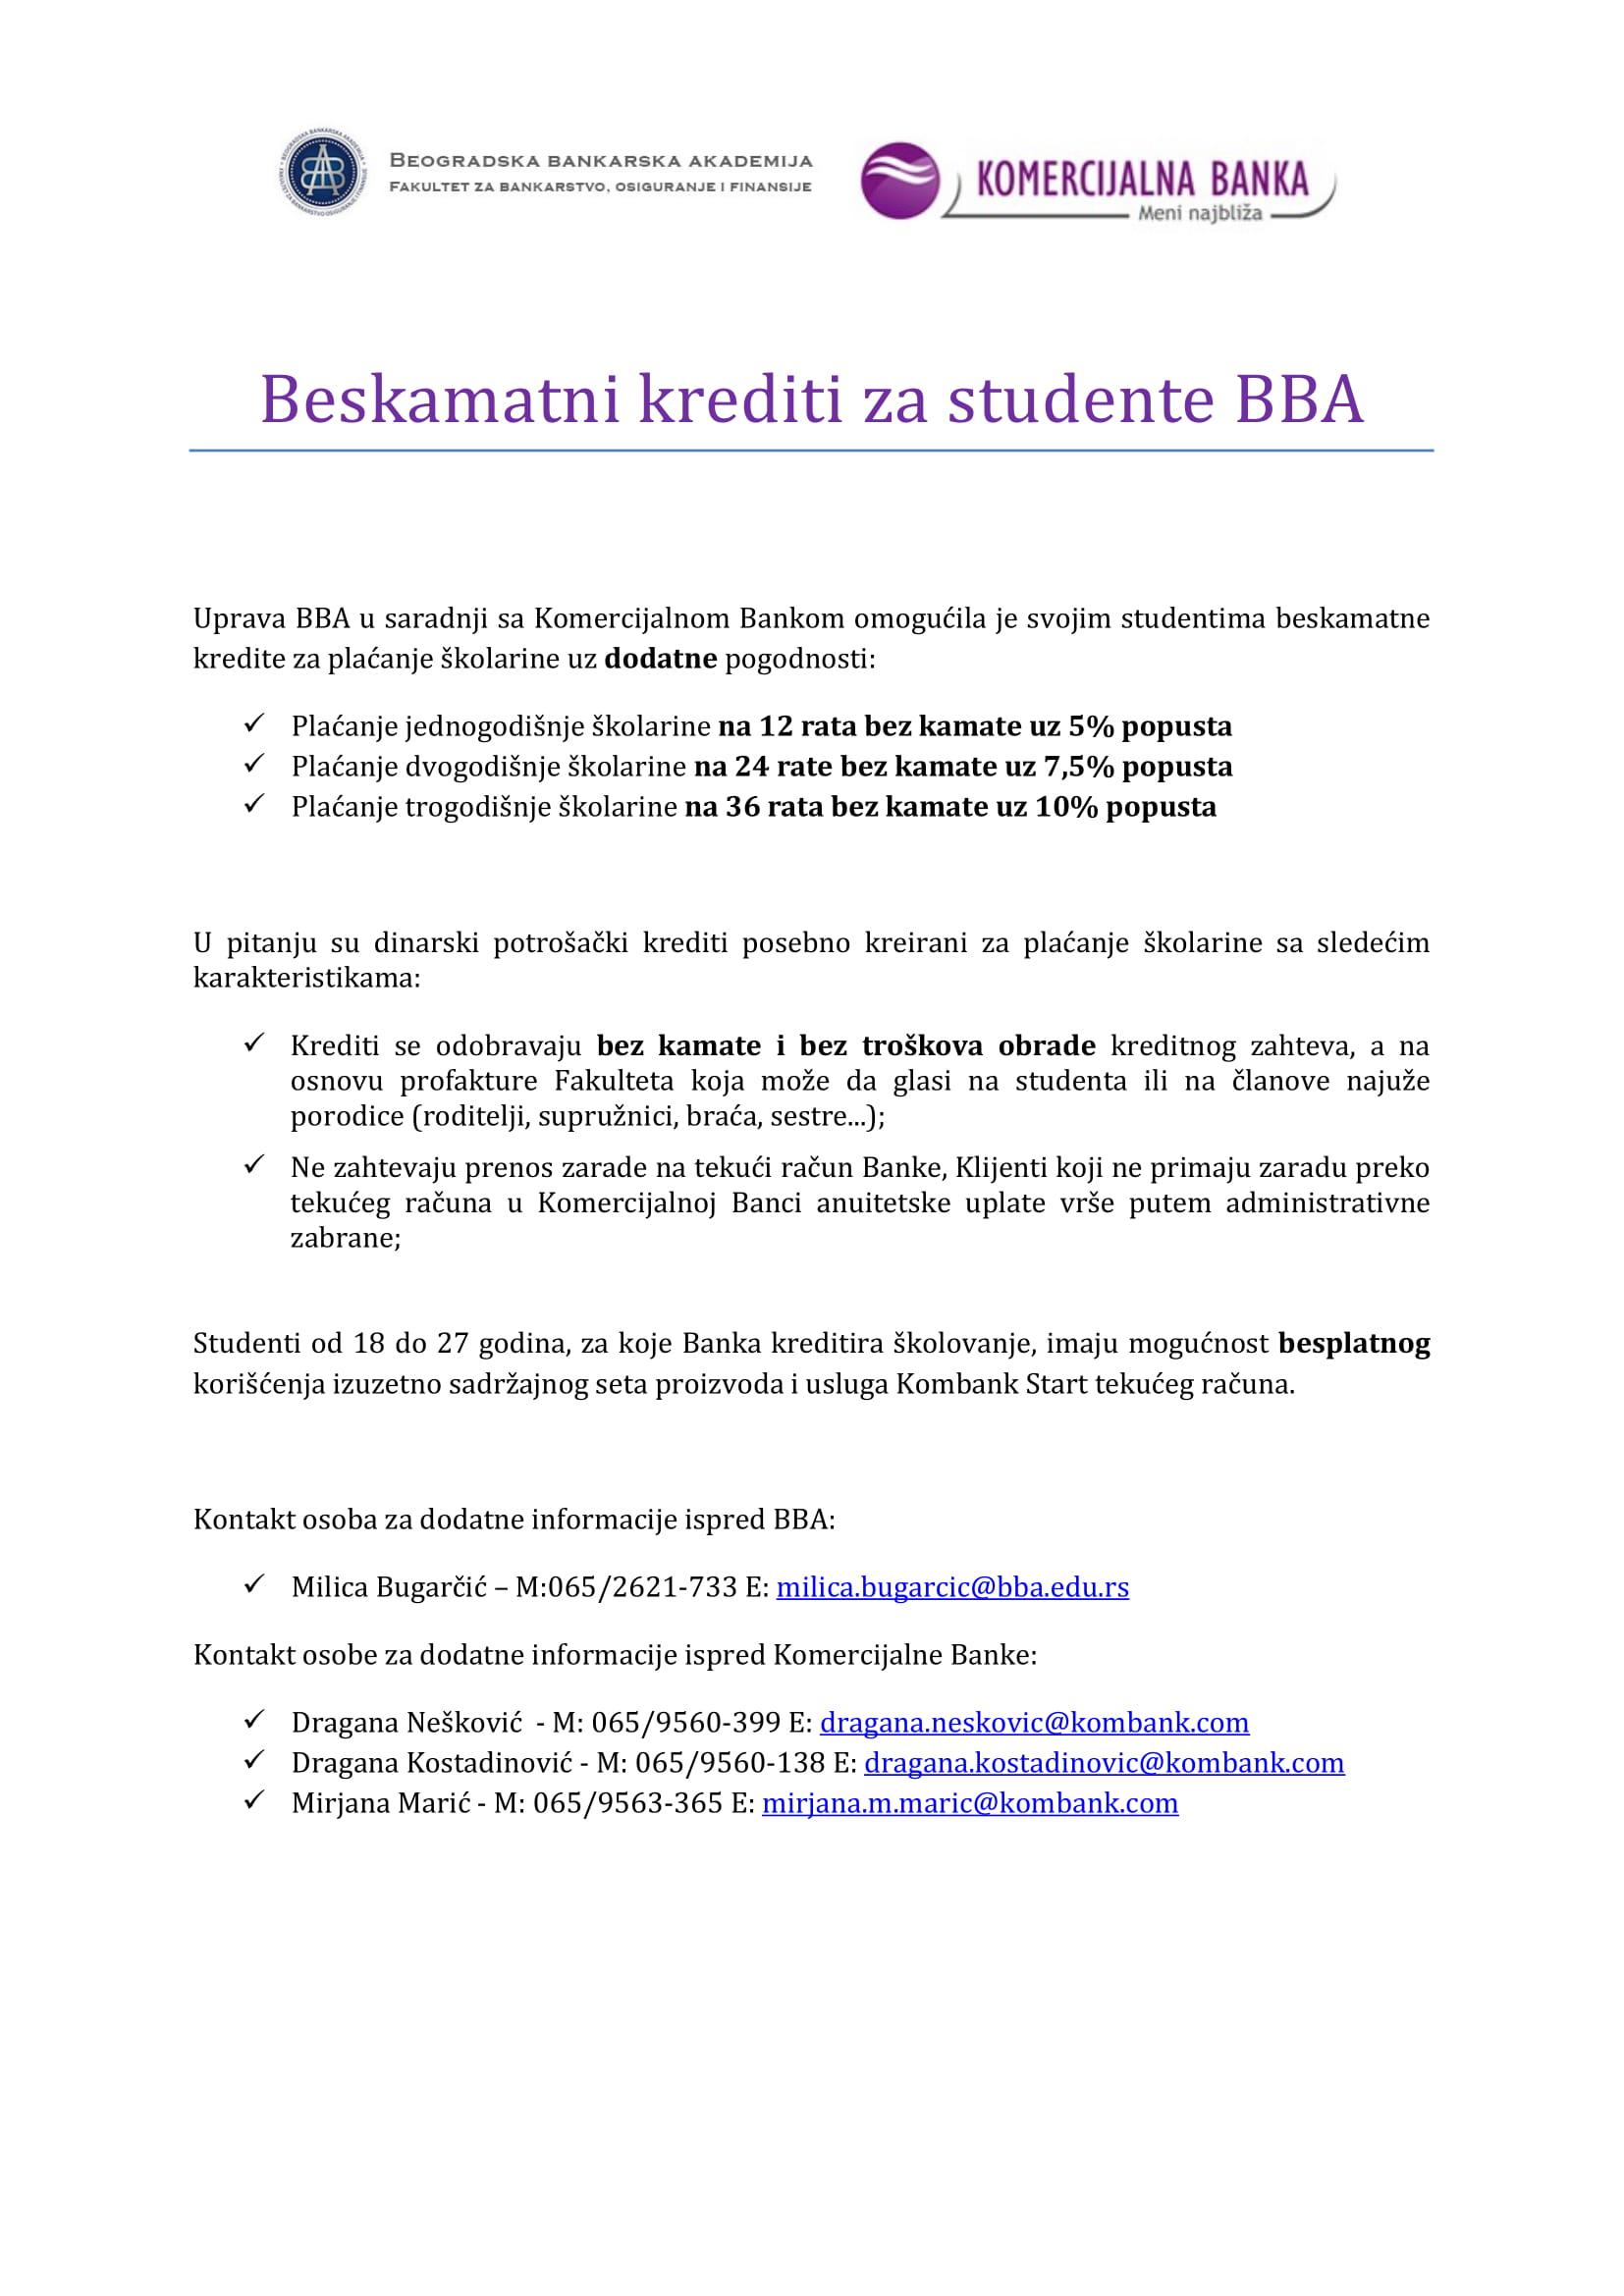 BBA 1